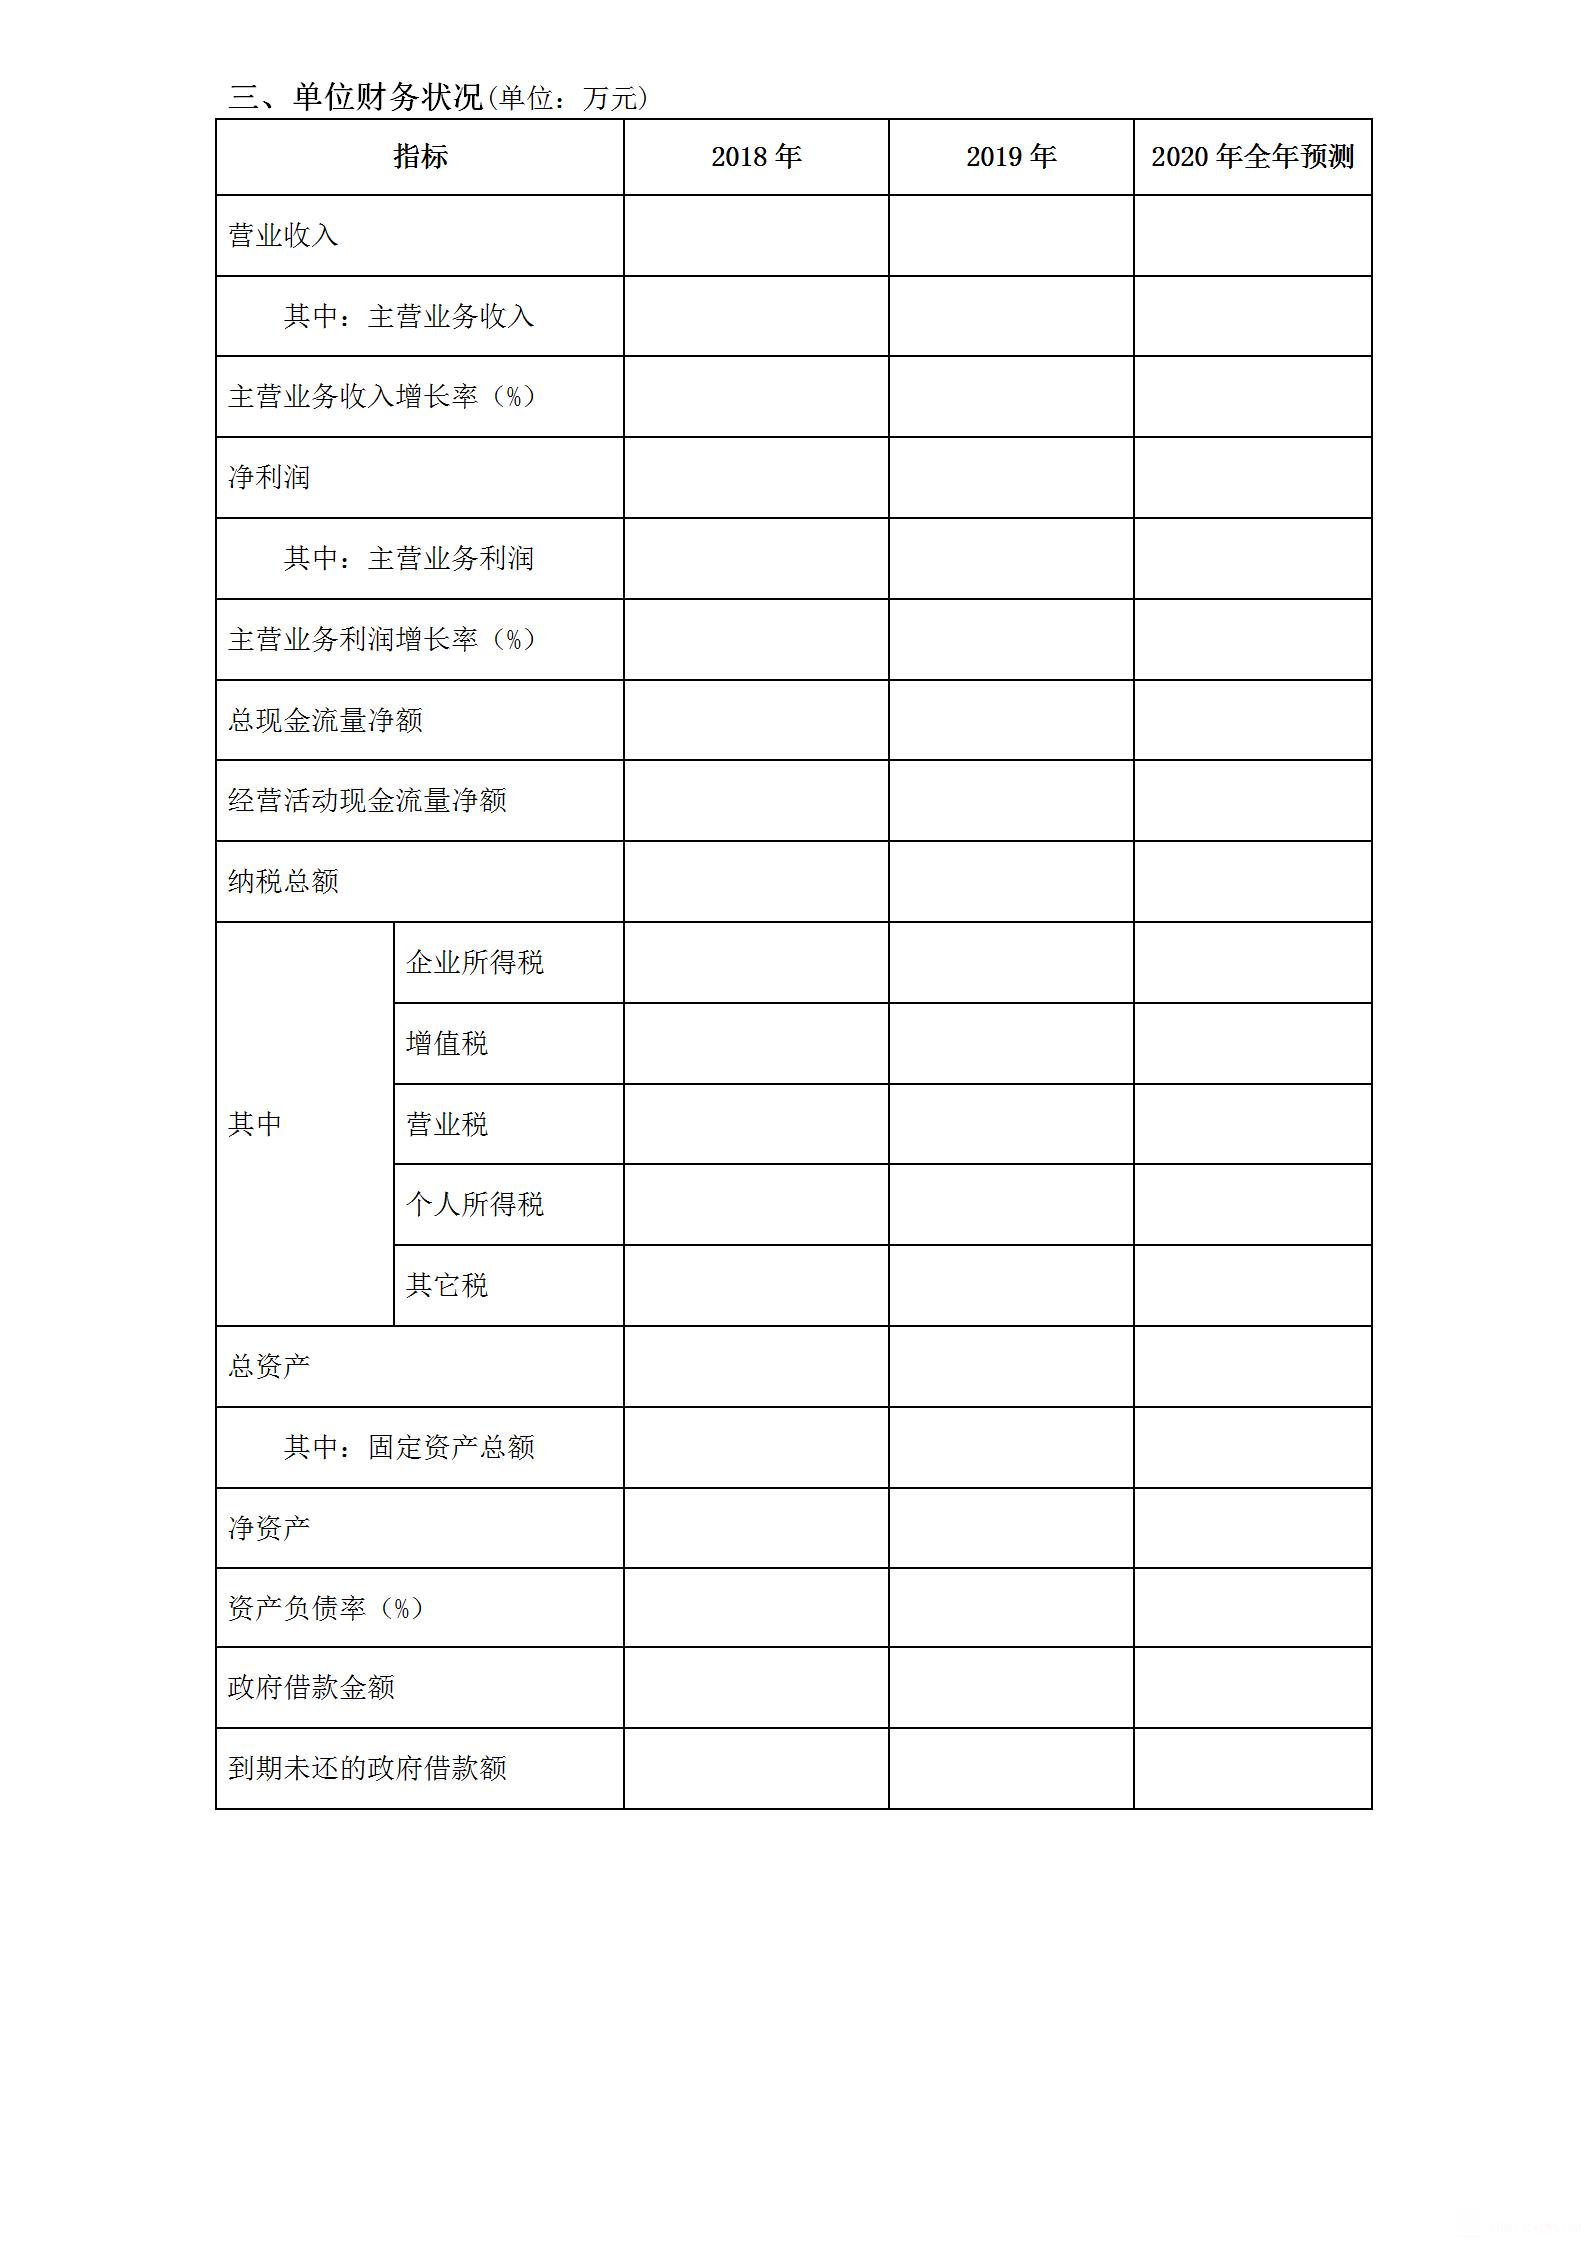 """深圳市2020年度""""以旧换新""""汽车购置奖励项目申请书_05.png"""